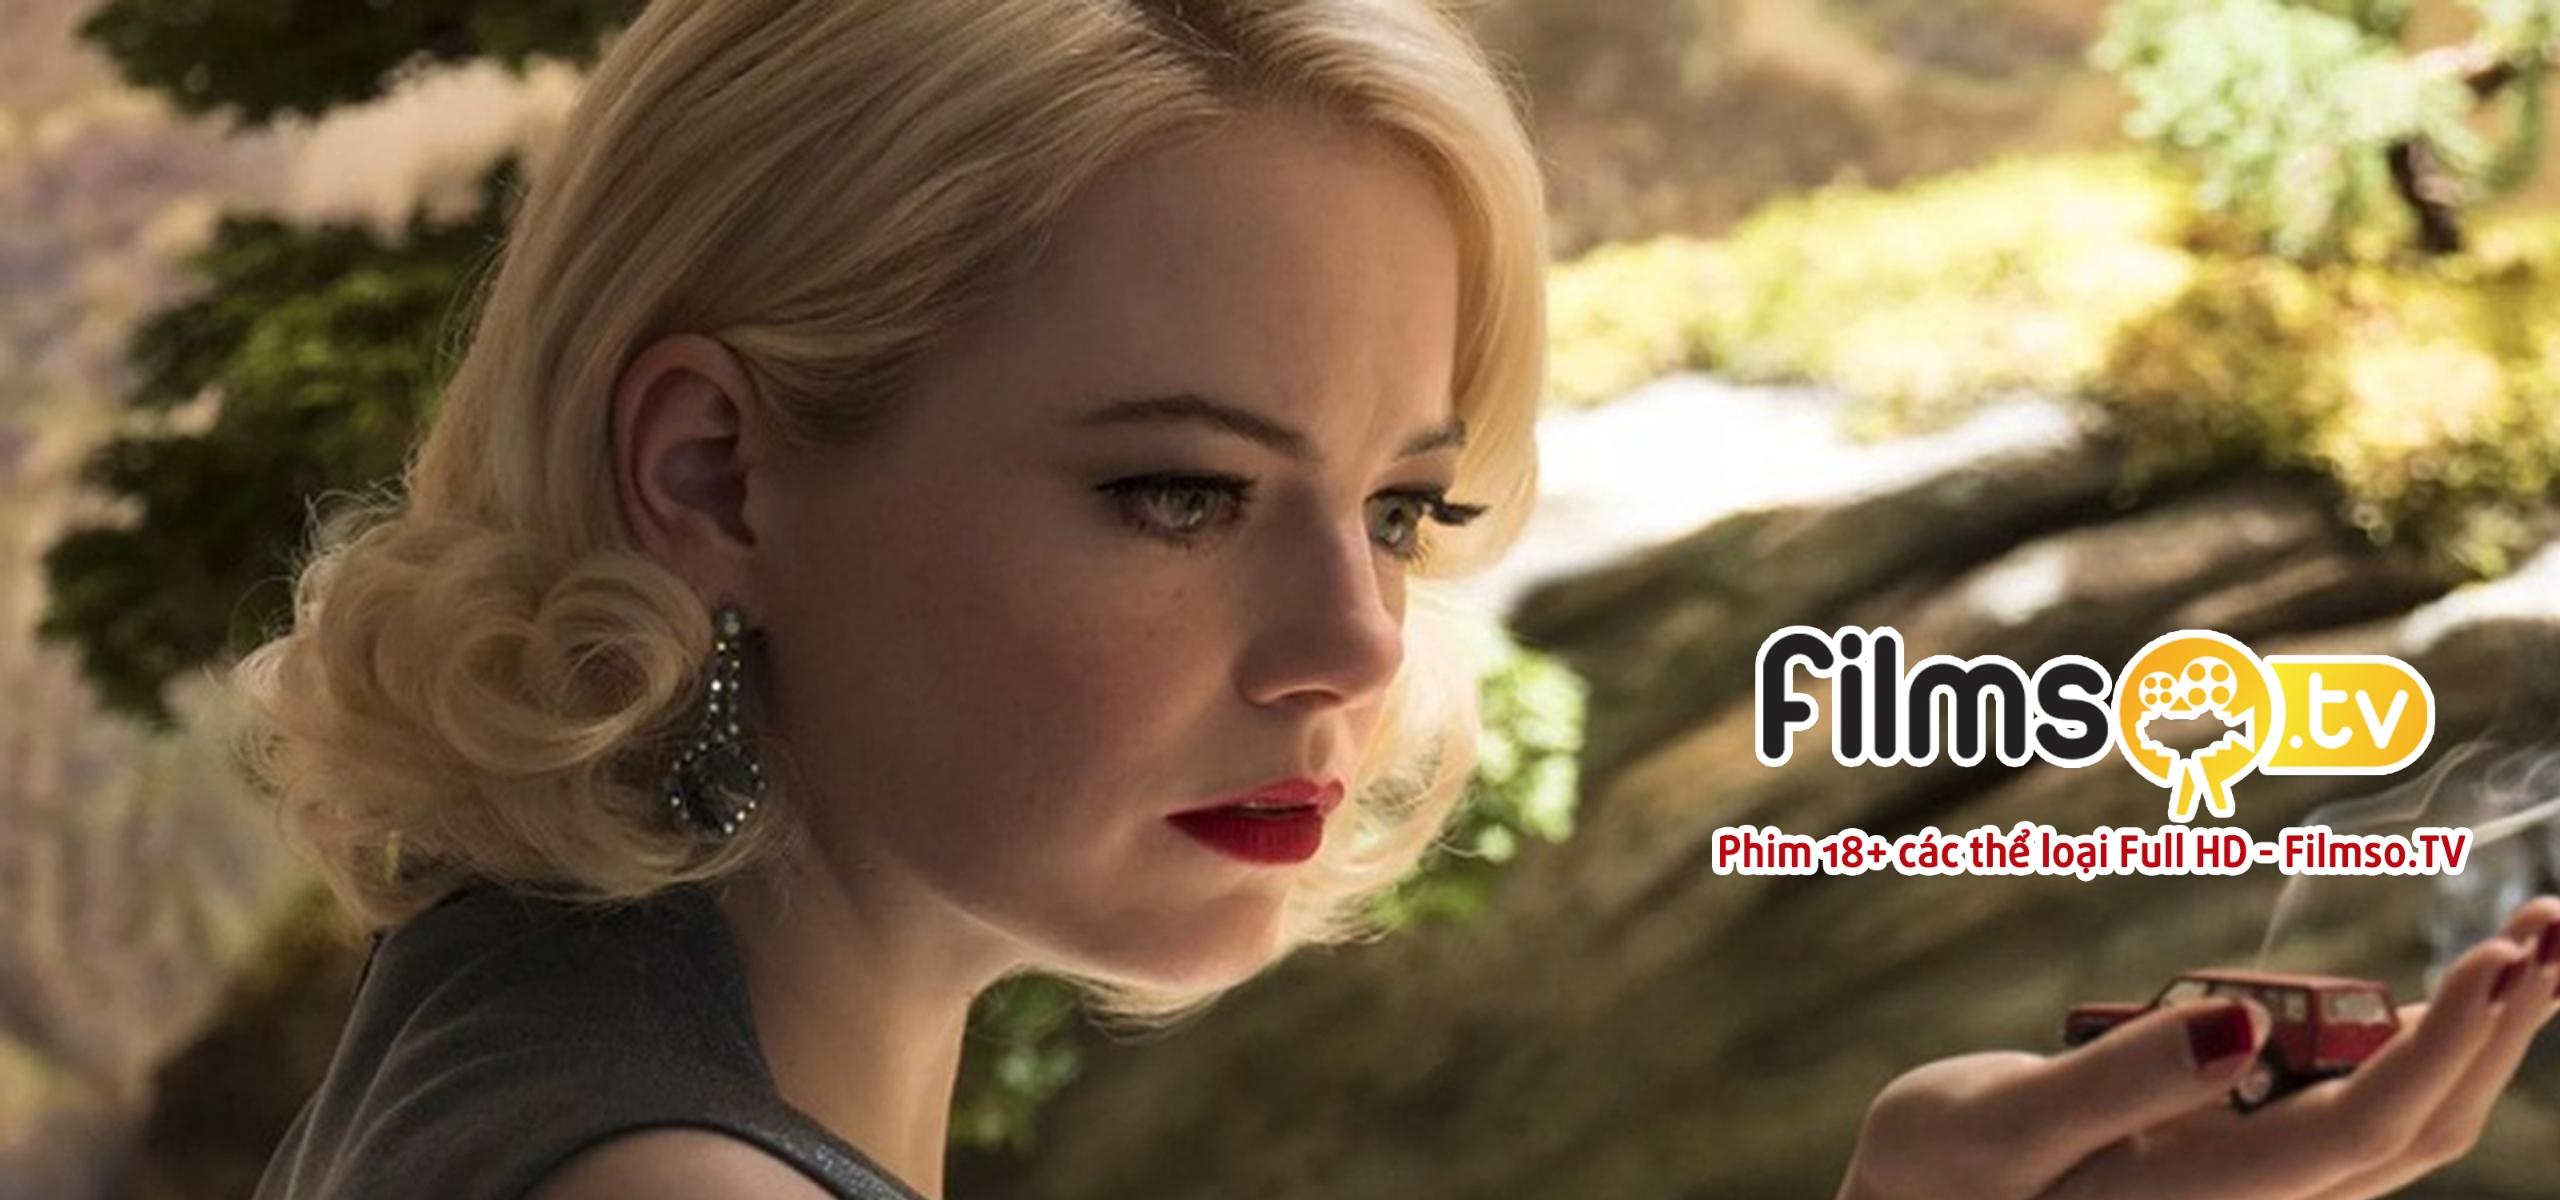 phimsex filmsotv (@phimsexfilmsotv) Cover Image